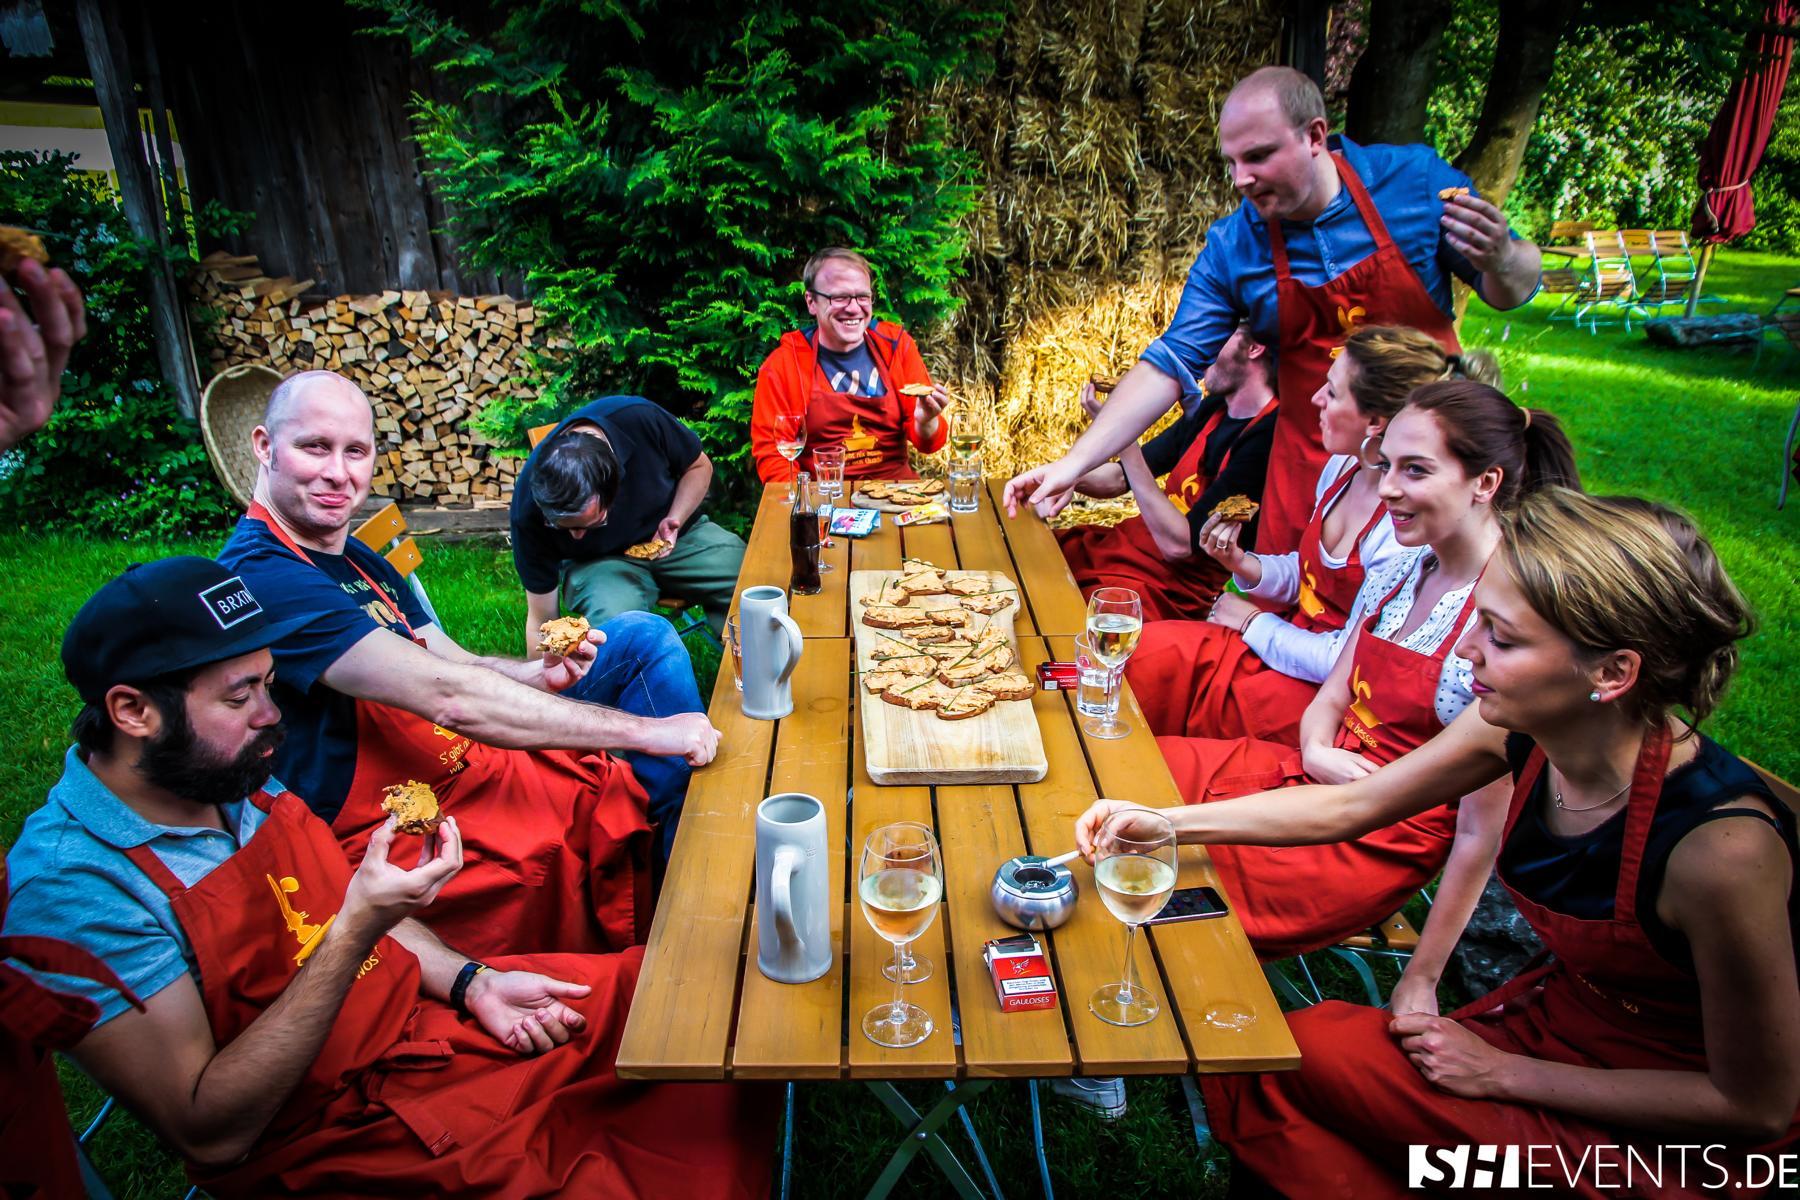 Gäste beim Essen im Freien